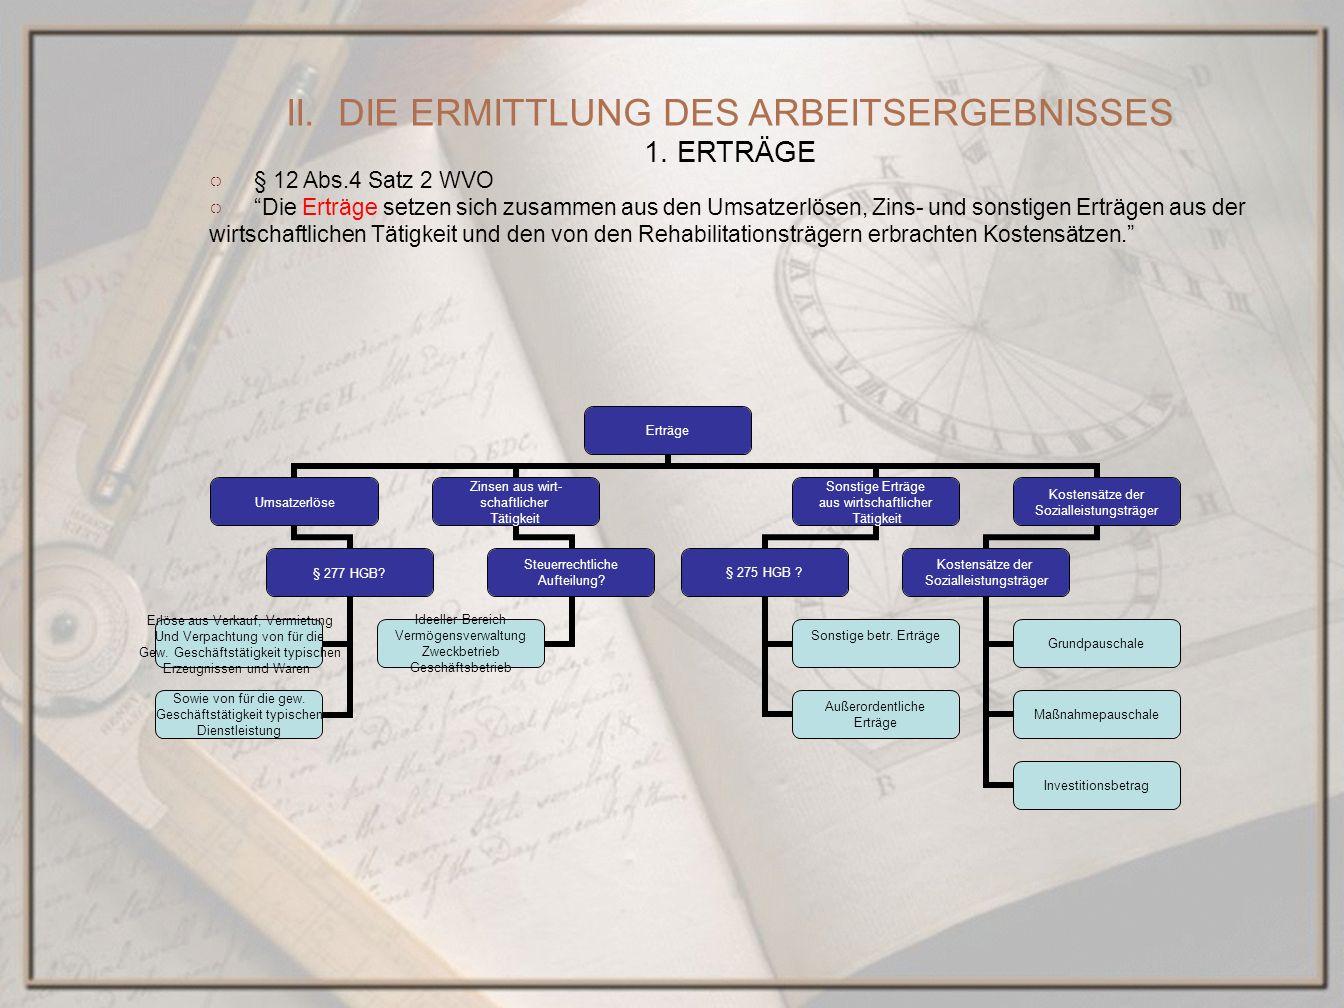 § 12 Abs.4 Satz 2 WVO Die Erträge setzen sich zusammen aus den Umsatzerlösen, Zins- und sonstigen Erträgen aus der wirtschaftlichen Tätigkeit und den